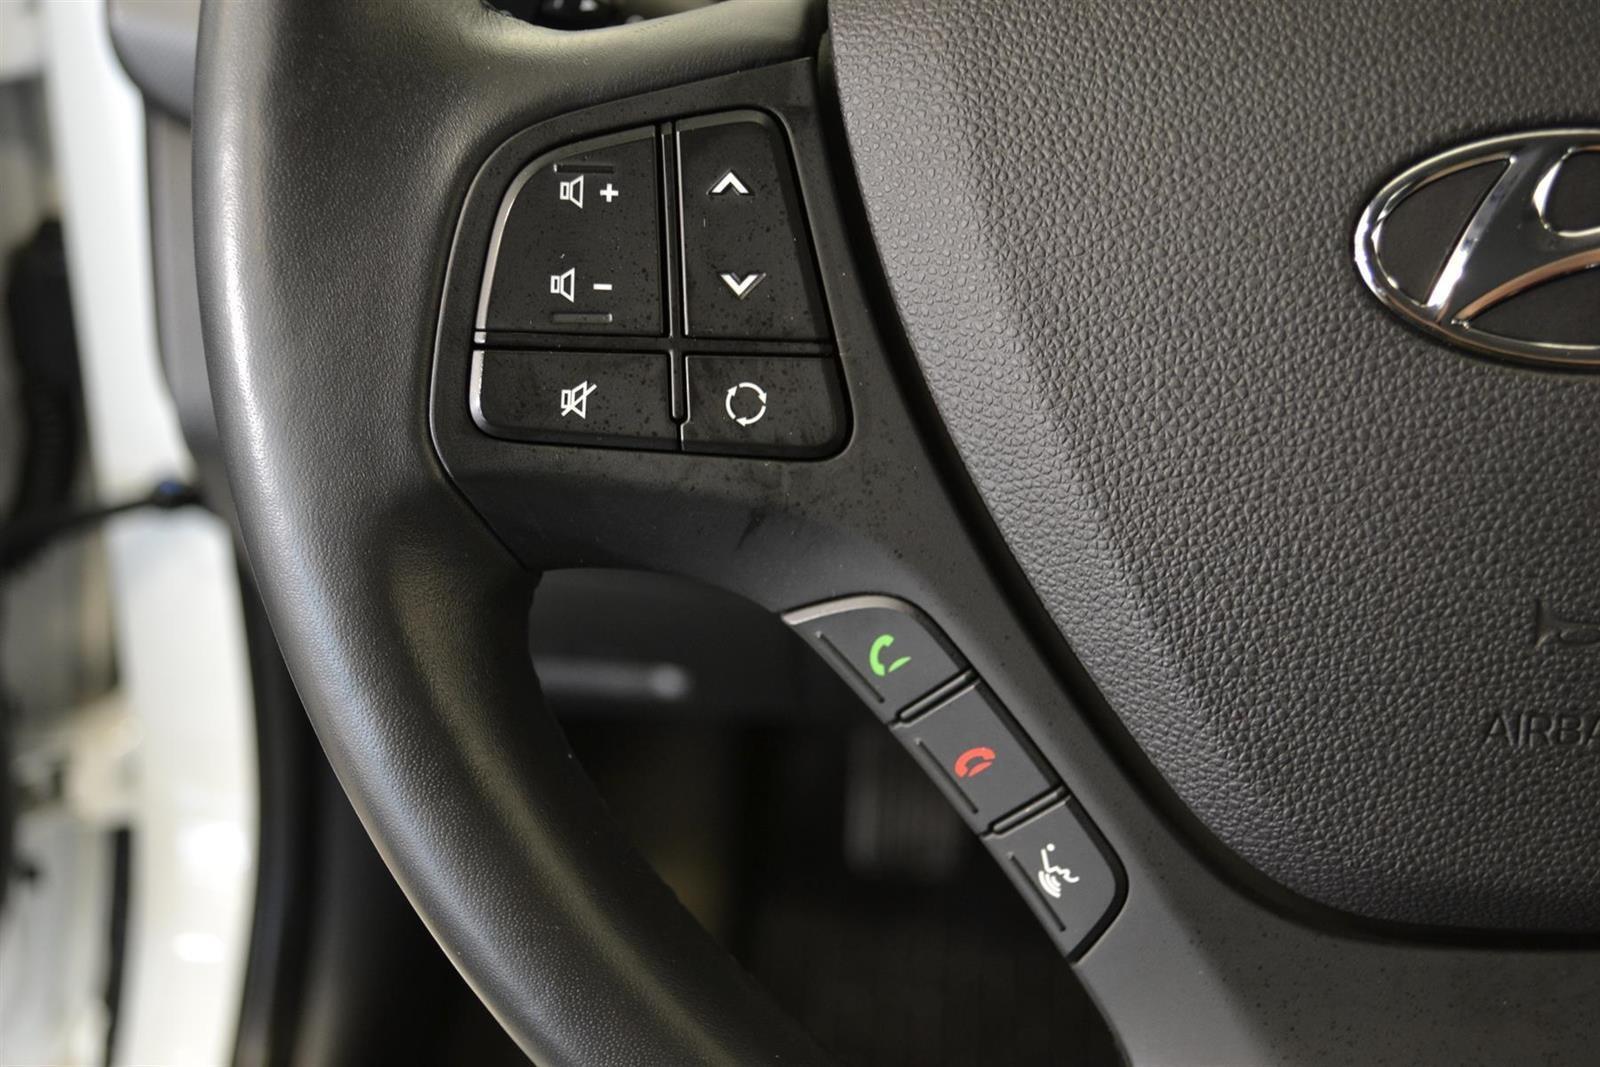 Hyundai i10 Slide 12